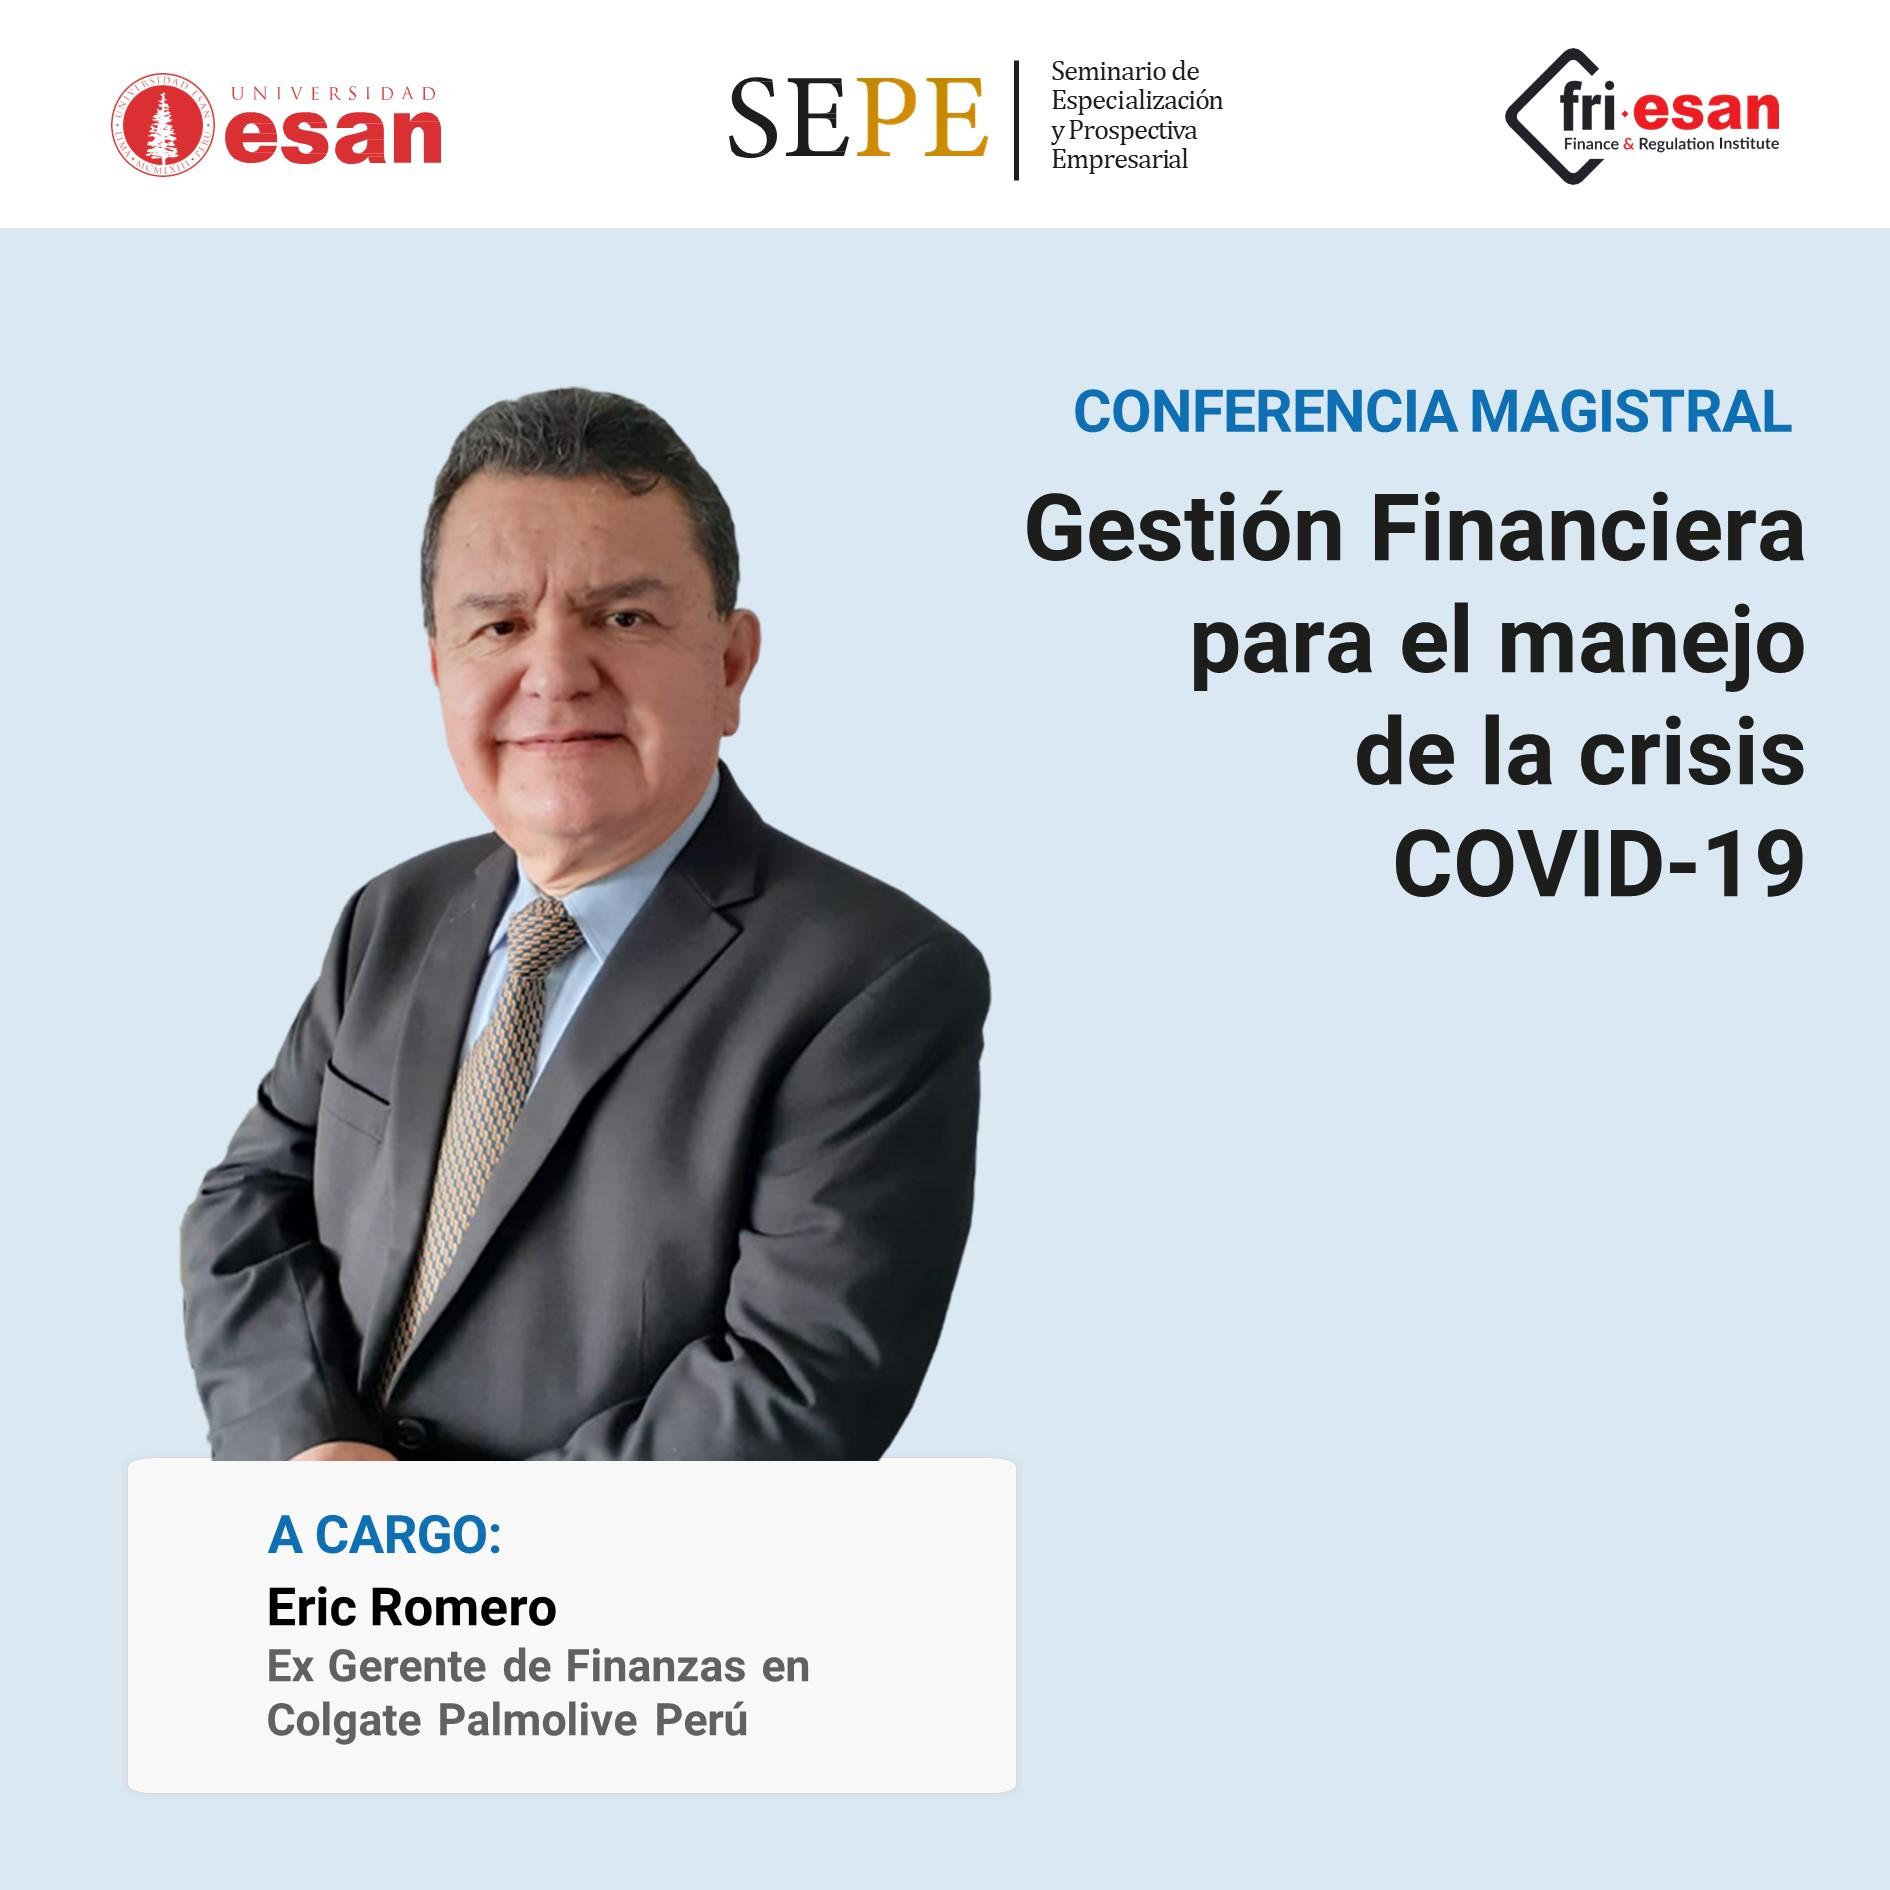 Gestion Financiera para el manejo de la crisis COVID-19